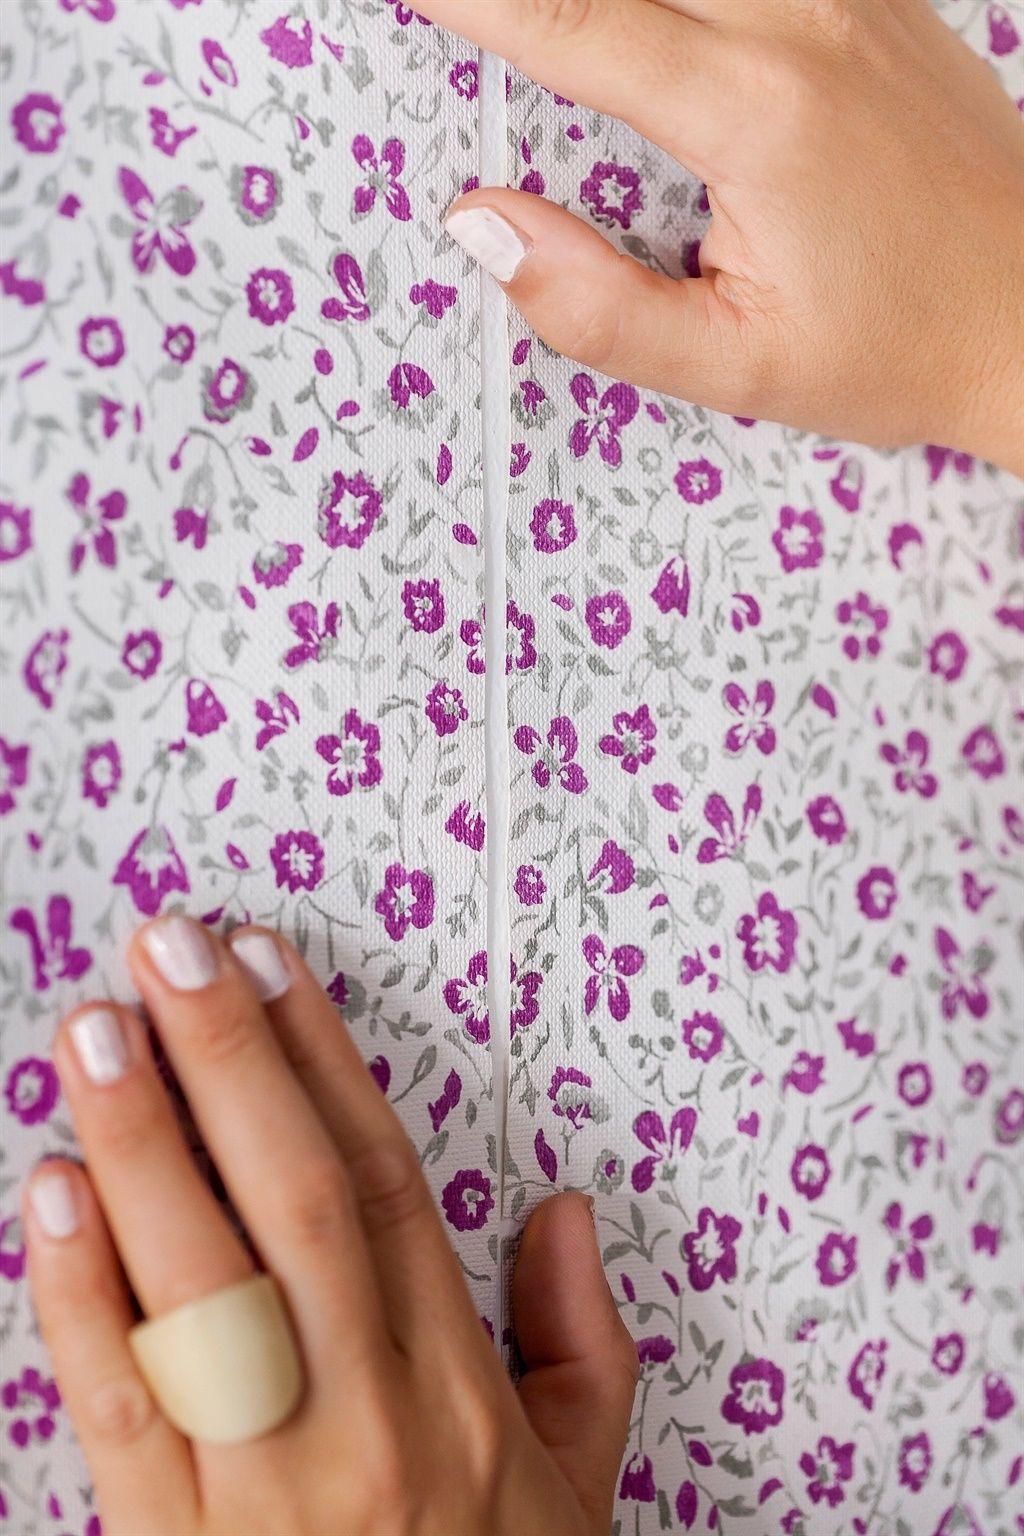 diy tapezieren: tapete selber gestalten und kleben | diy wall art